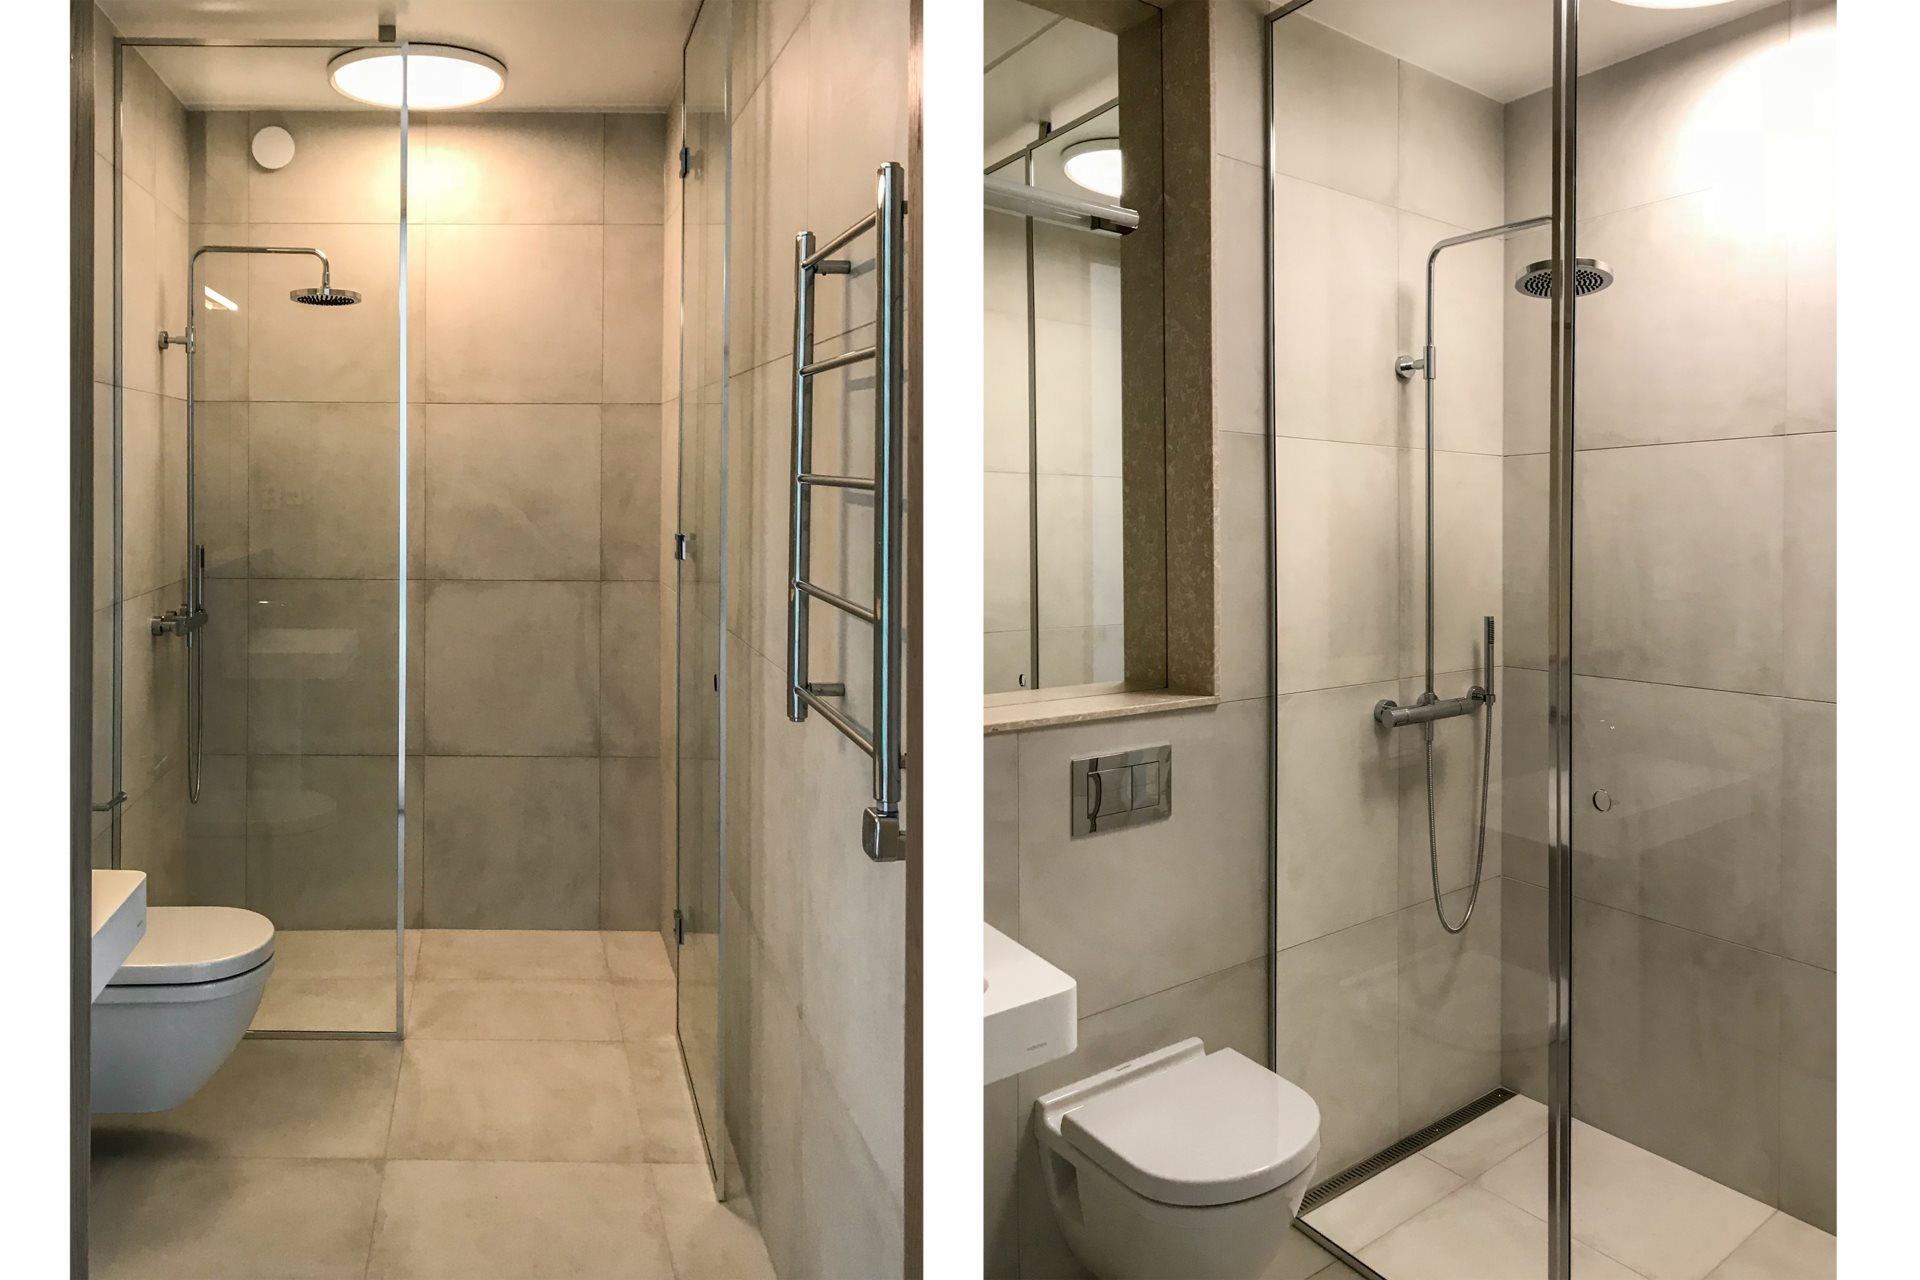 Kleine Praktische Badkamer : Kleine moderne badkamer met granieten keramische tegels badkamers